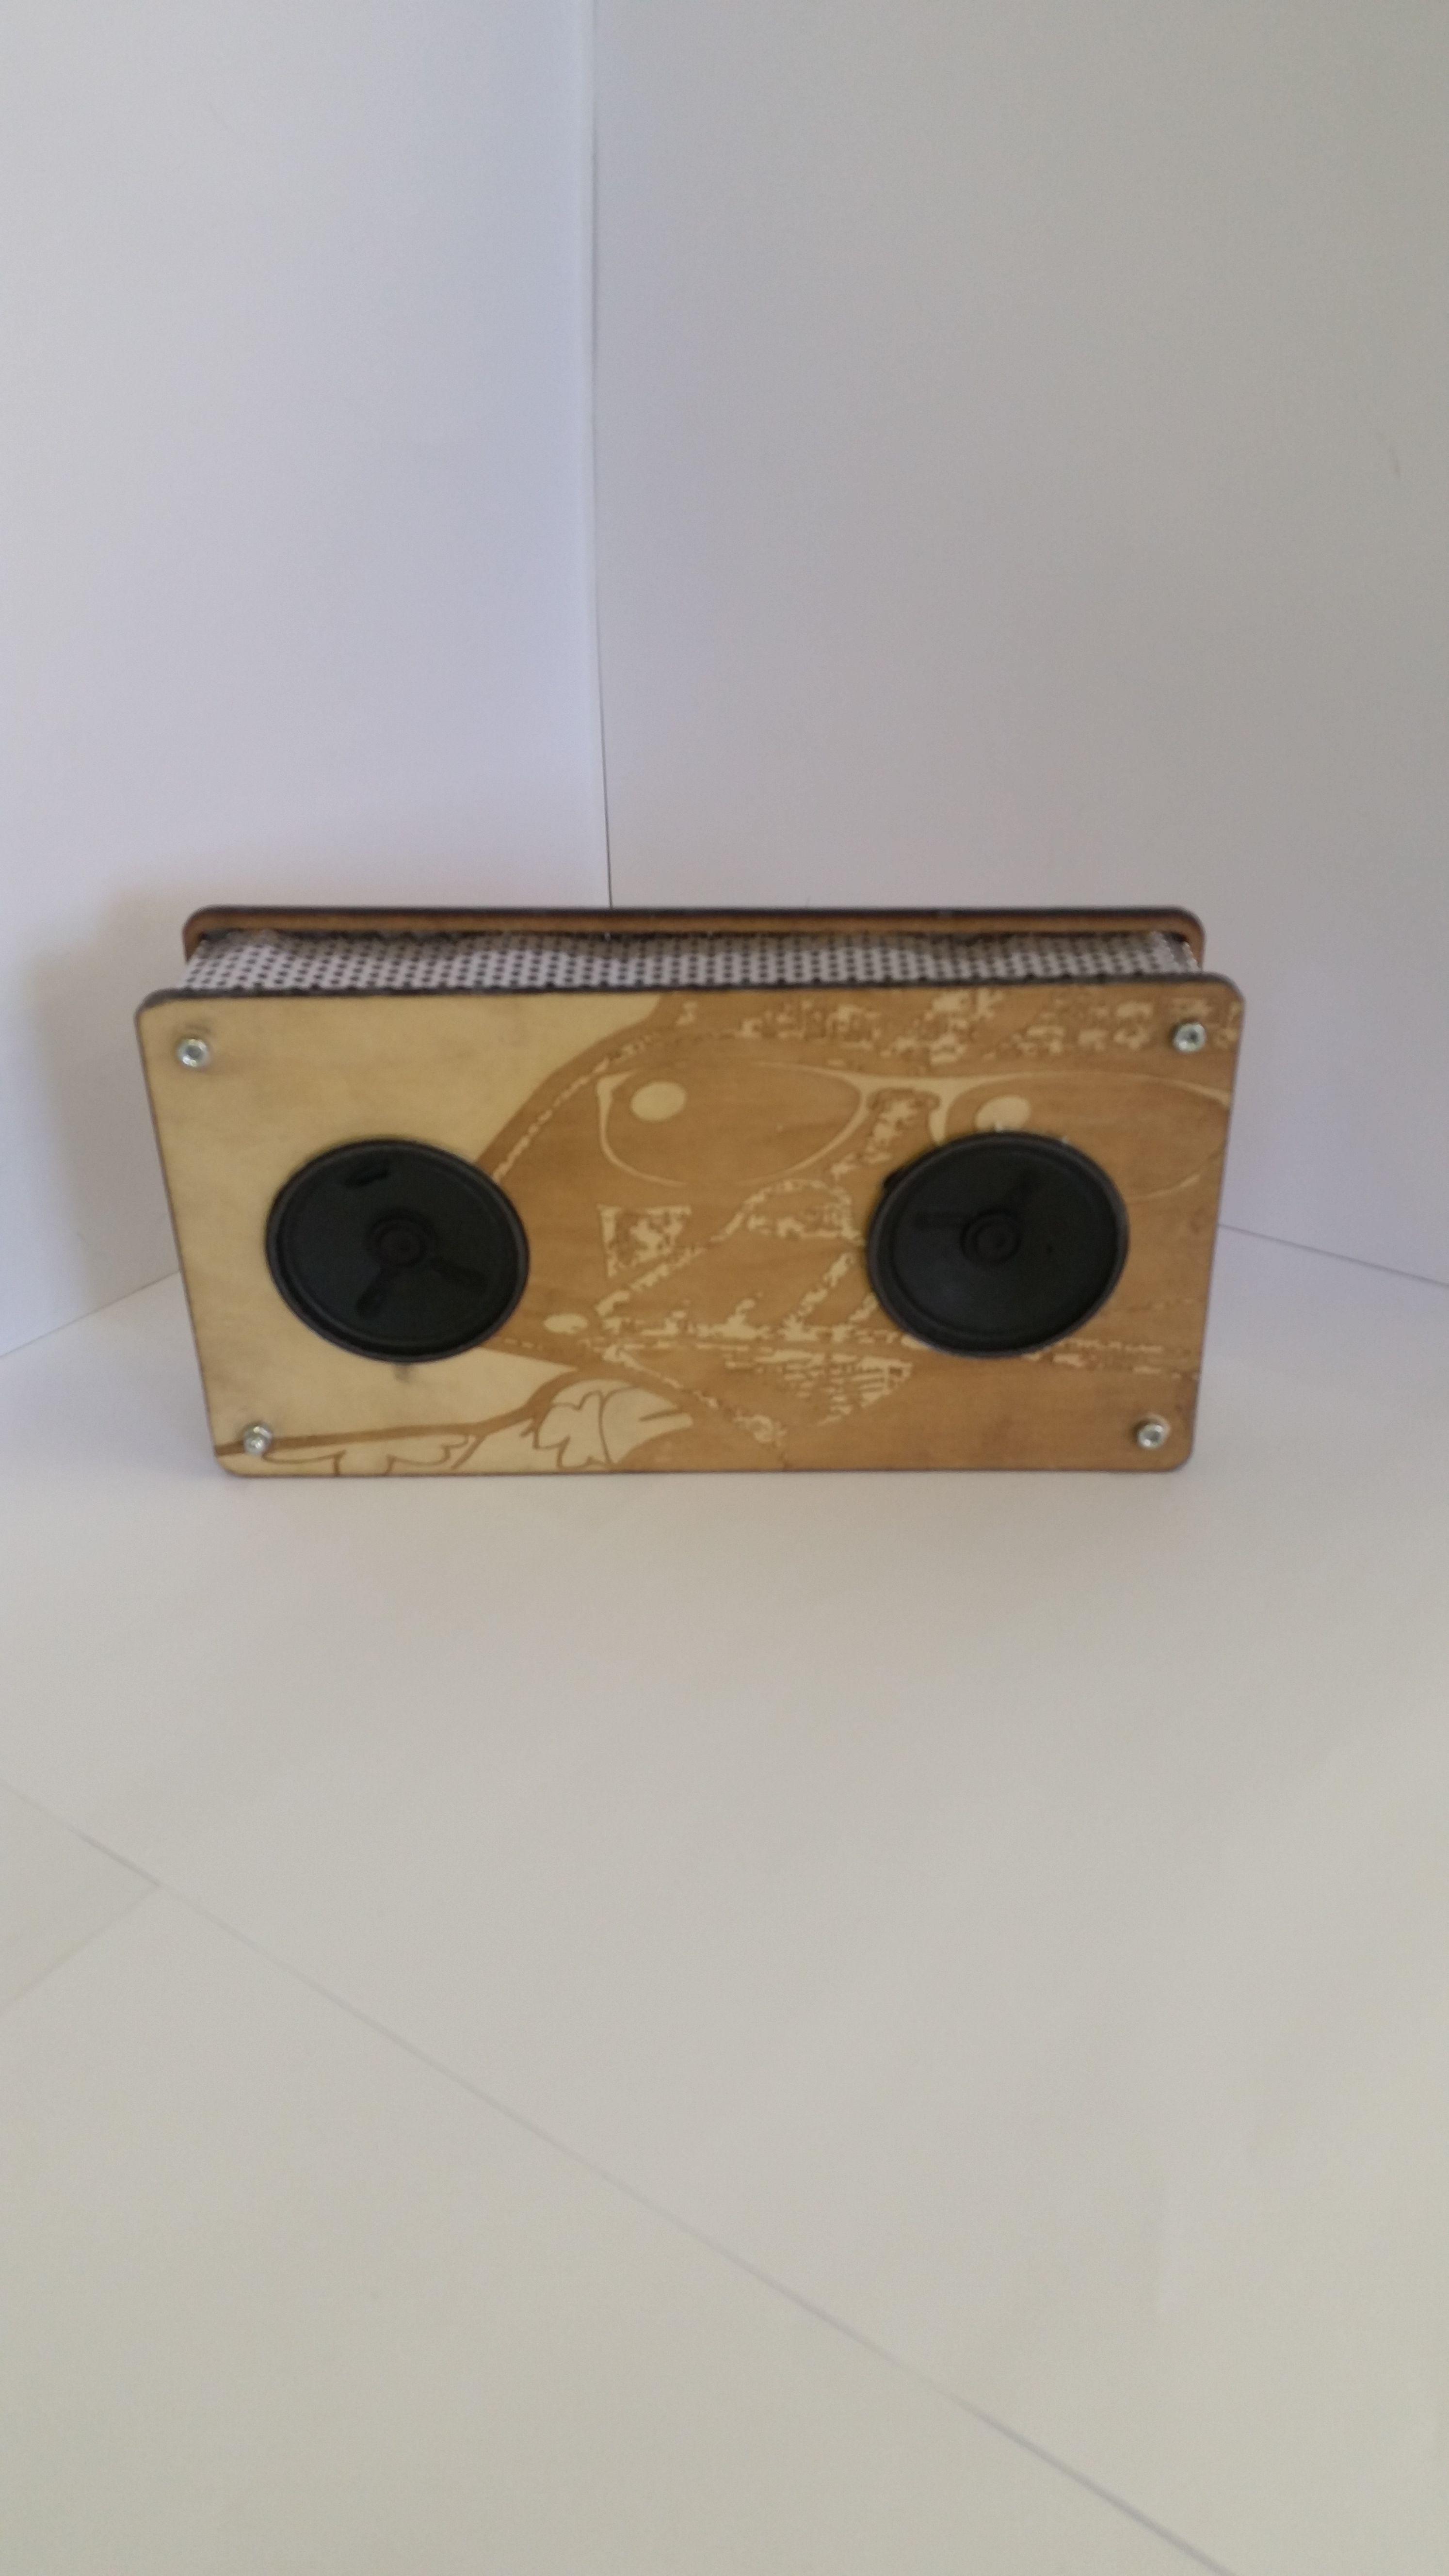 gcse product design aqa, mp3 speaker based on existing design